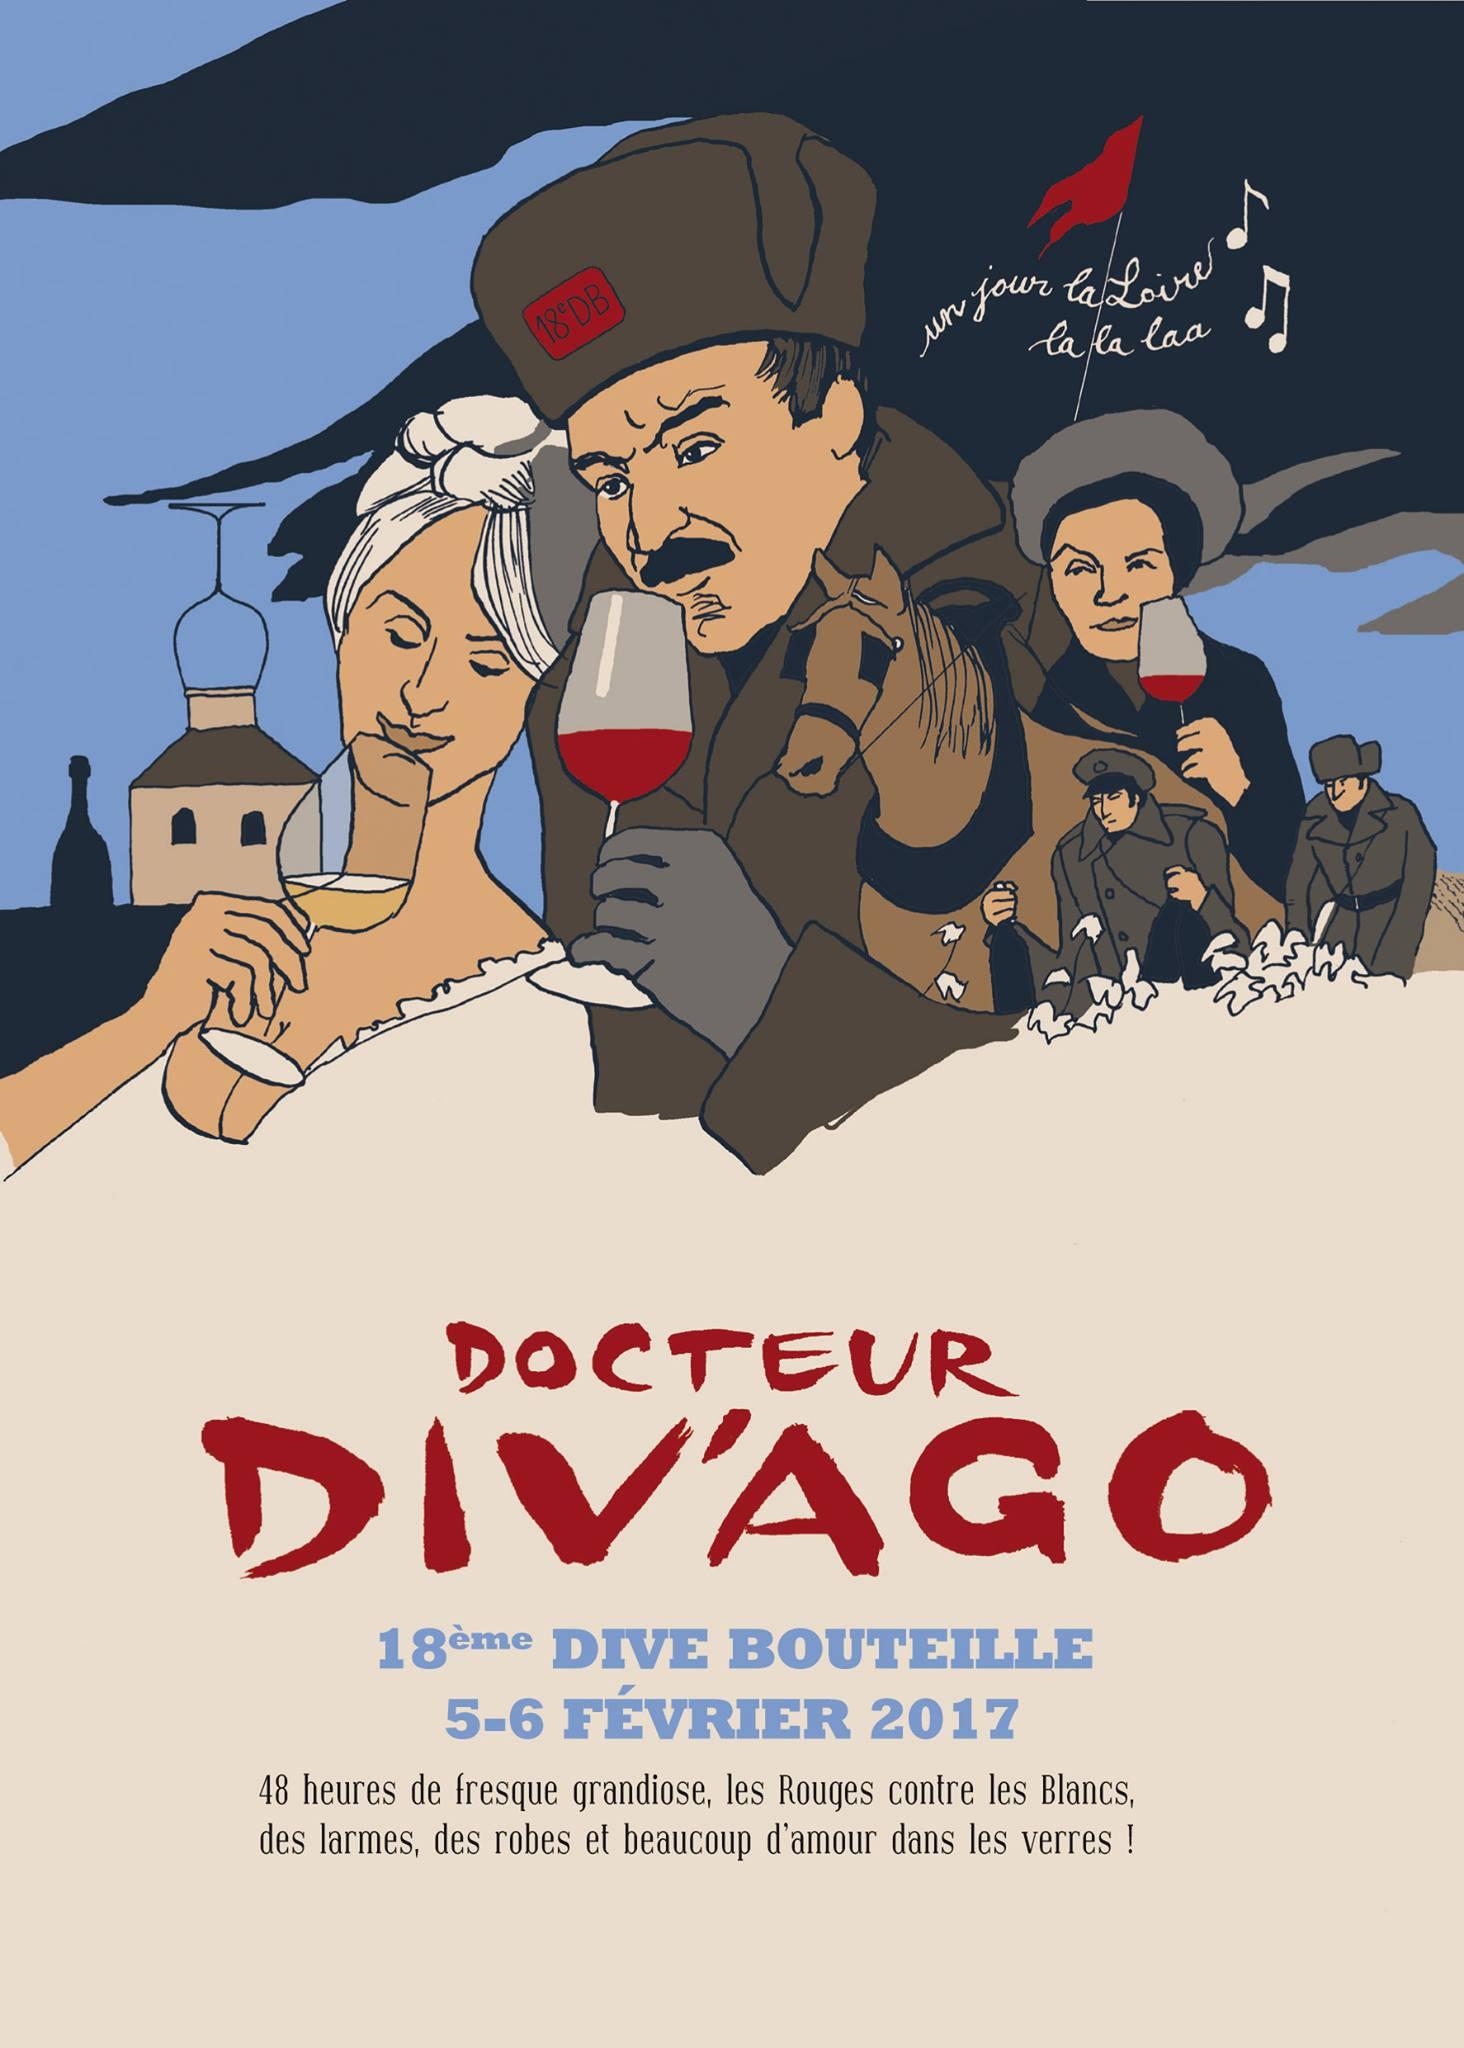 La Dive Bouteille 2017